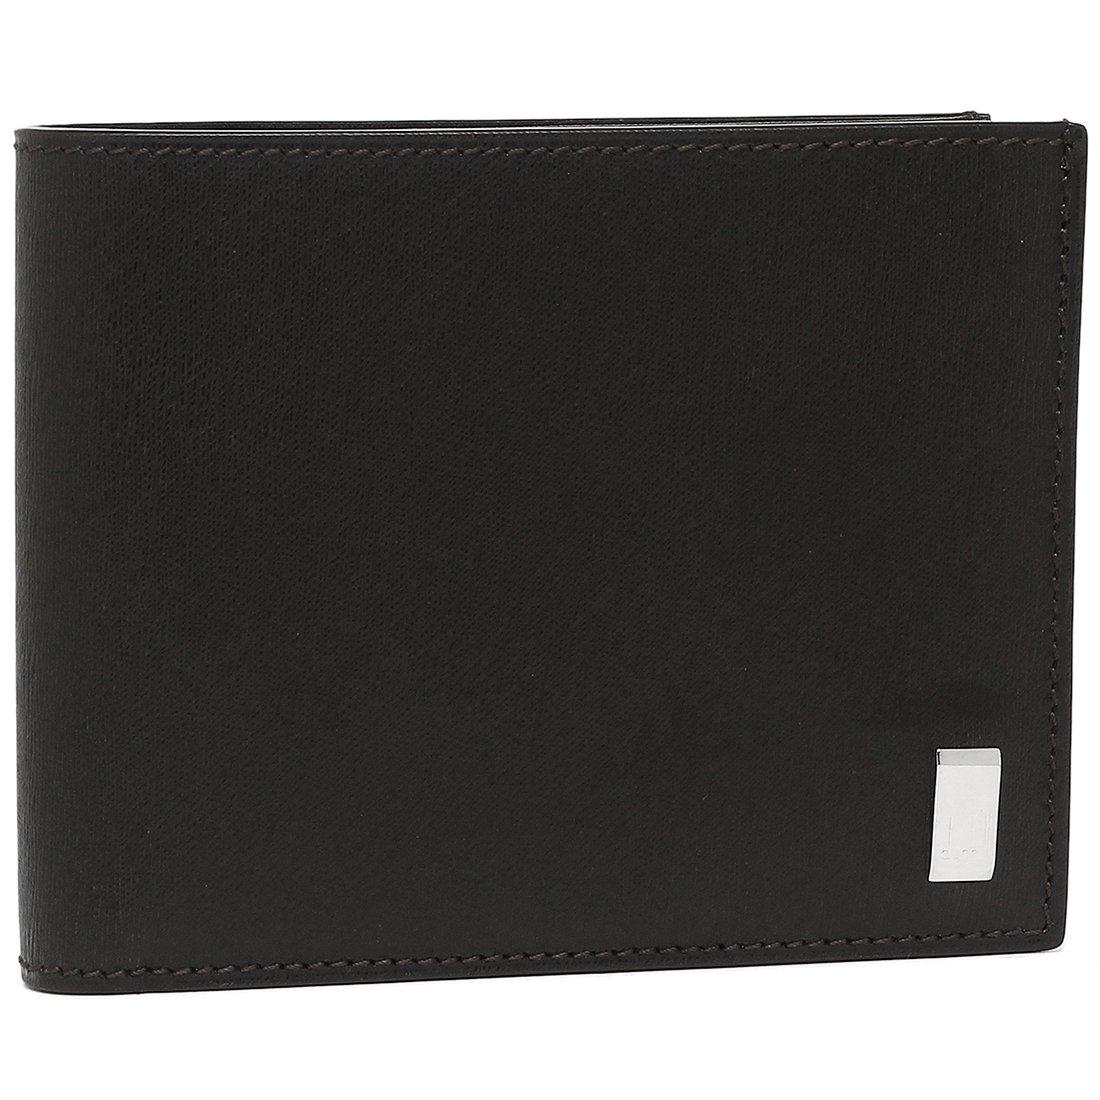 [ダンヒル] 折財布 メンズ DUNHILL FP3070E BLK ブラック [並行輸入品] B078LZWZ6R